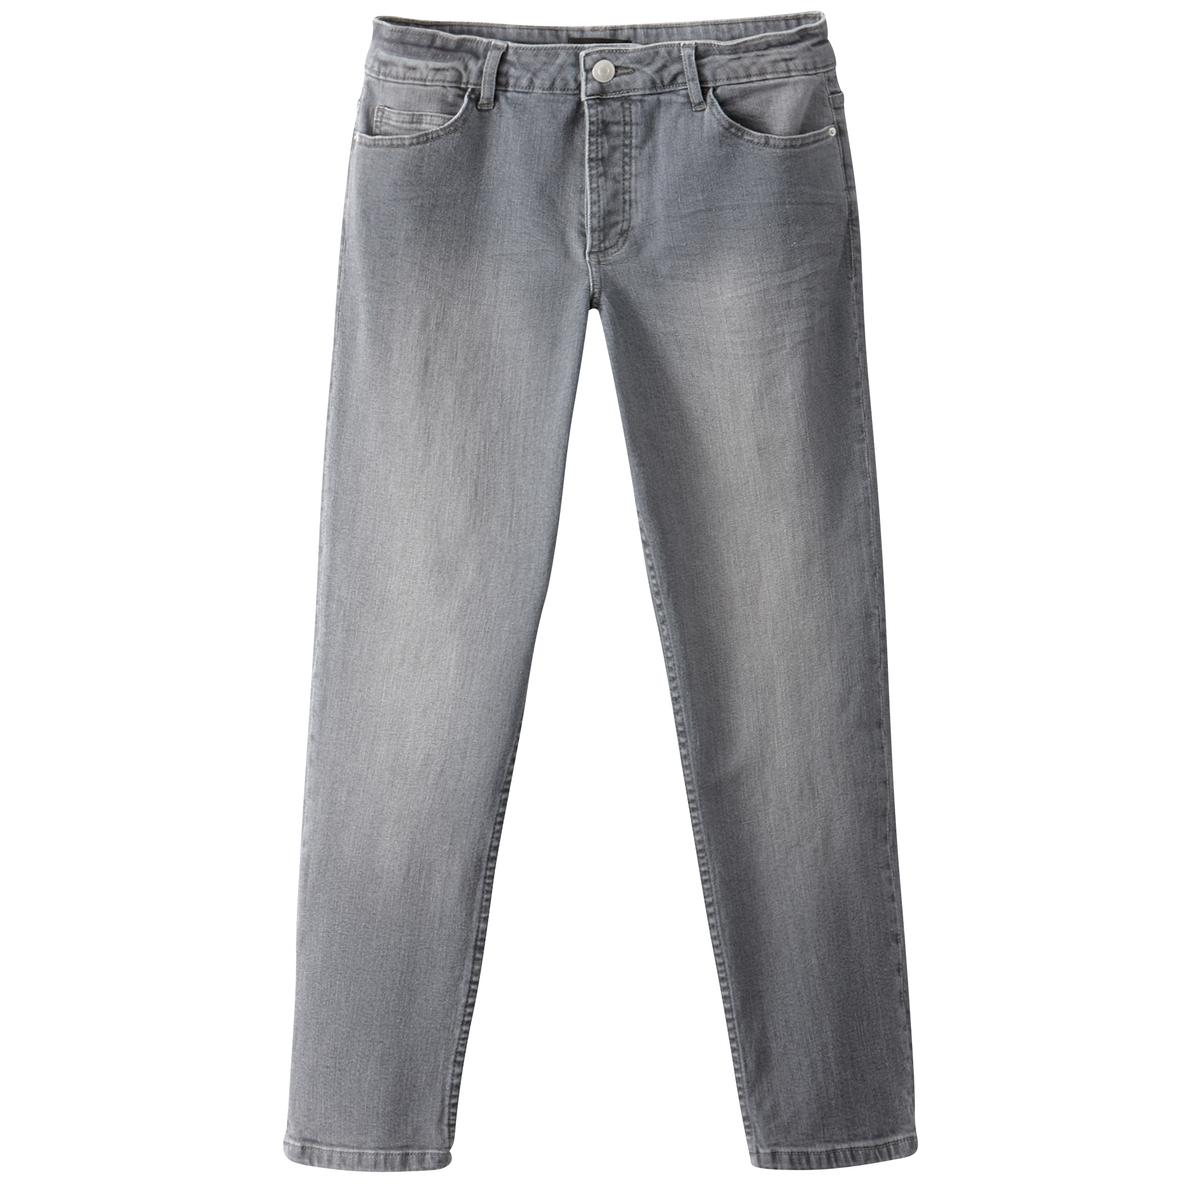 Джинсы укороченныеДетали  Покрой джинсов : стандартный, прямой   Высота пояса : стандартная  Состав и уходМатериал : 99% хлопка, 1% эластана    •  Температура стирки при 30° на деликатном режиме  •  Сухая чистка и отбеливание запрещены  Машинная сушка в умеренном режиме    •  Гладить на средней температуре<br><br>Цвет: голубой потертый,светло-серый,синий потертый<br>Размер: 24 (US) - 40 (RUS).37 (46/48).34 (US) - 50 (RUS).33 (US) - 48/50 (RUS).32 (US) - 48 (RUS).31 (US) - 46/48 (RUS).30 (US) - 46 (RUS).29 (US) - 44/46 (RUS).28 (US) - 44 (RUS).27 (US) - 42/44 (RUS).26 (US) - 42 (RUS).25 (US) - 40/42 (RUS).37 (46/48).30 (US) - 46 (RUS).24 (US) - 40 (RUS).29 (US) - 44/46 (RUS).34 (US) - 50 (RUS).26 (US) - 42 (RUS).24 (US) - 40 (RUS).38 (US) - 54 (RUS).34 (US) - 50 (RUS).33 (US) - 48/50 (RUS).32 (US) - 48 (RUS).31 (US) - 46/48 (RUS).30 (US) - 46 (RUS).29 (US) - 44/46 (RUS).28 (US) - 44 (RUS).27 (US) - 42/44 (RUS).26 (US) - 42 (RUS).25 (US) - 40/42 (RUS)